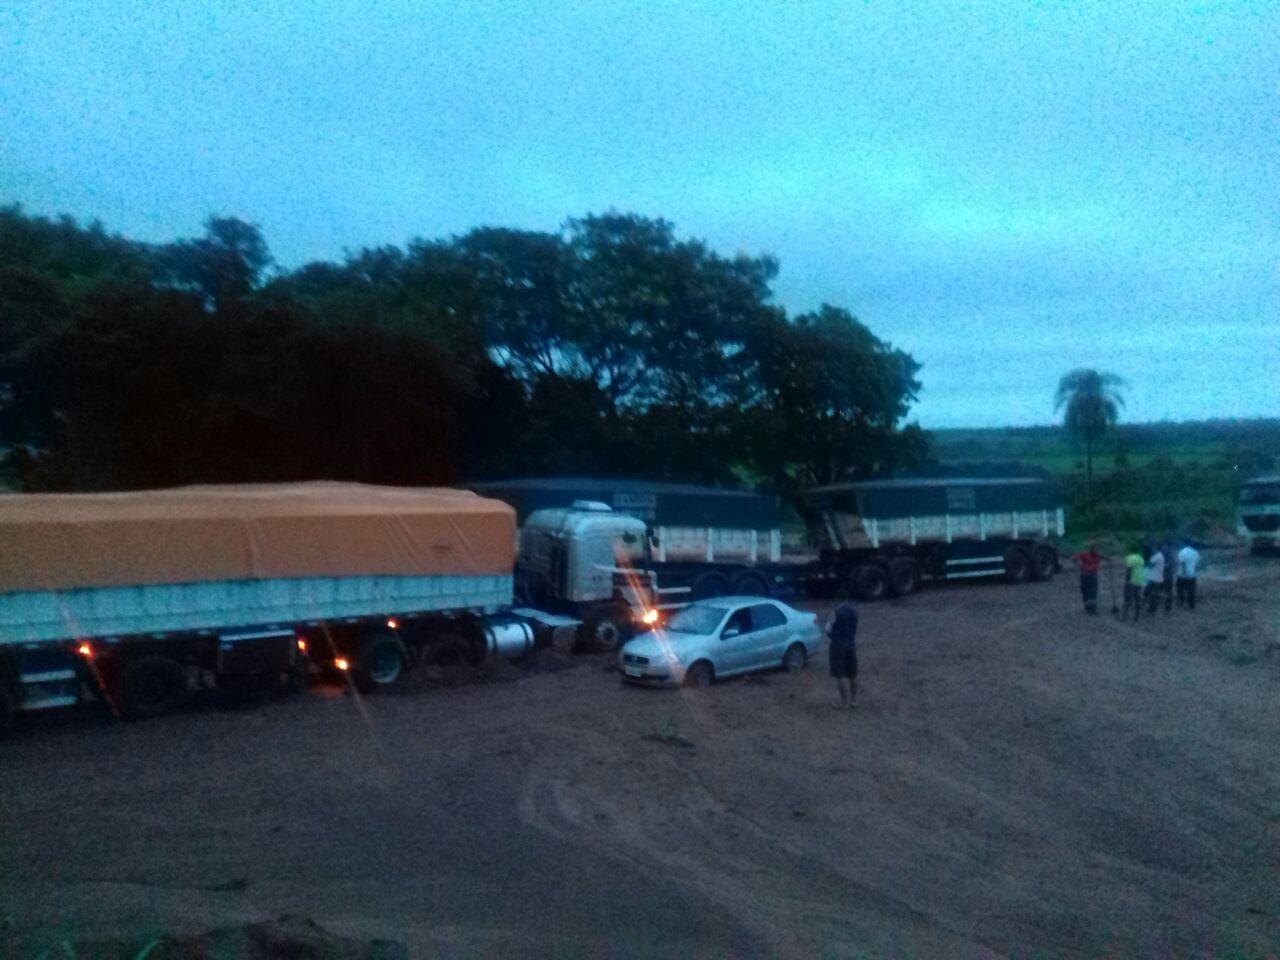 BR-376 em Loanda está interditada devido duas carretas atoladas